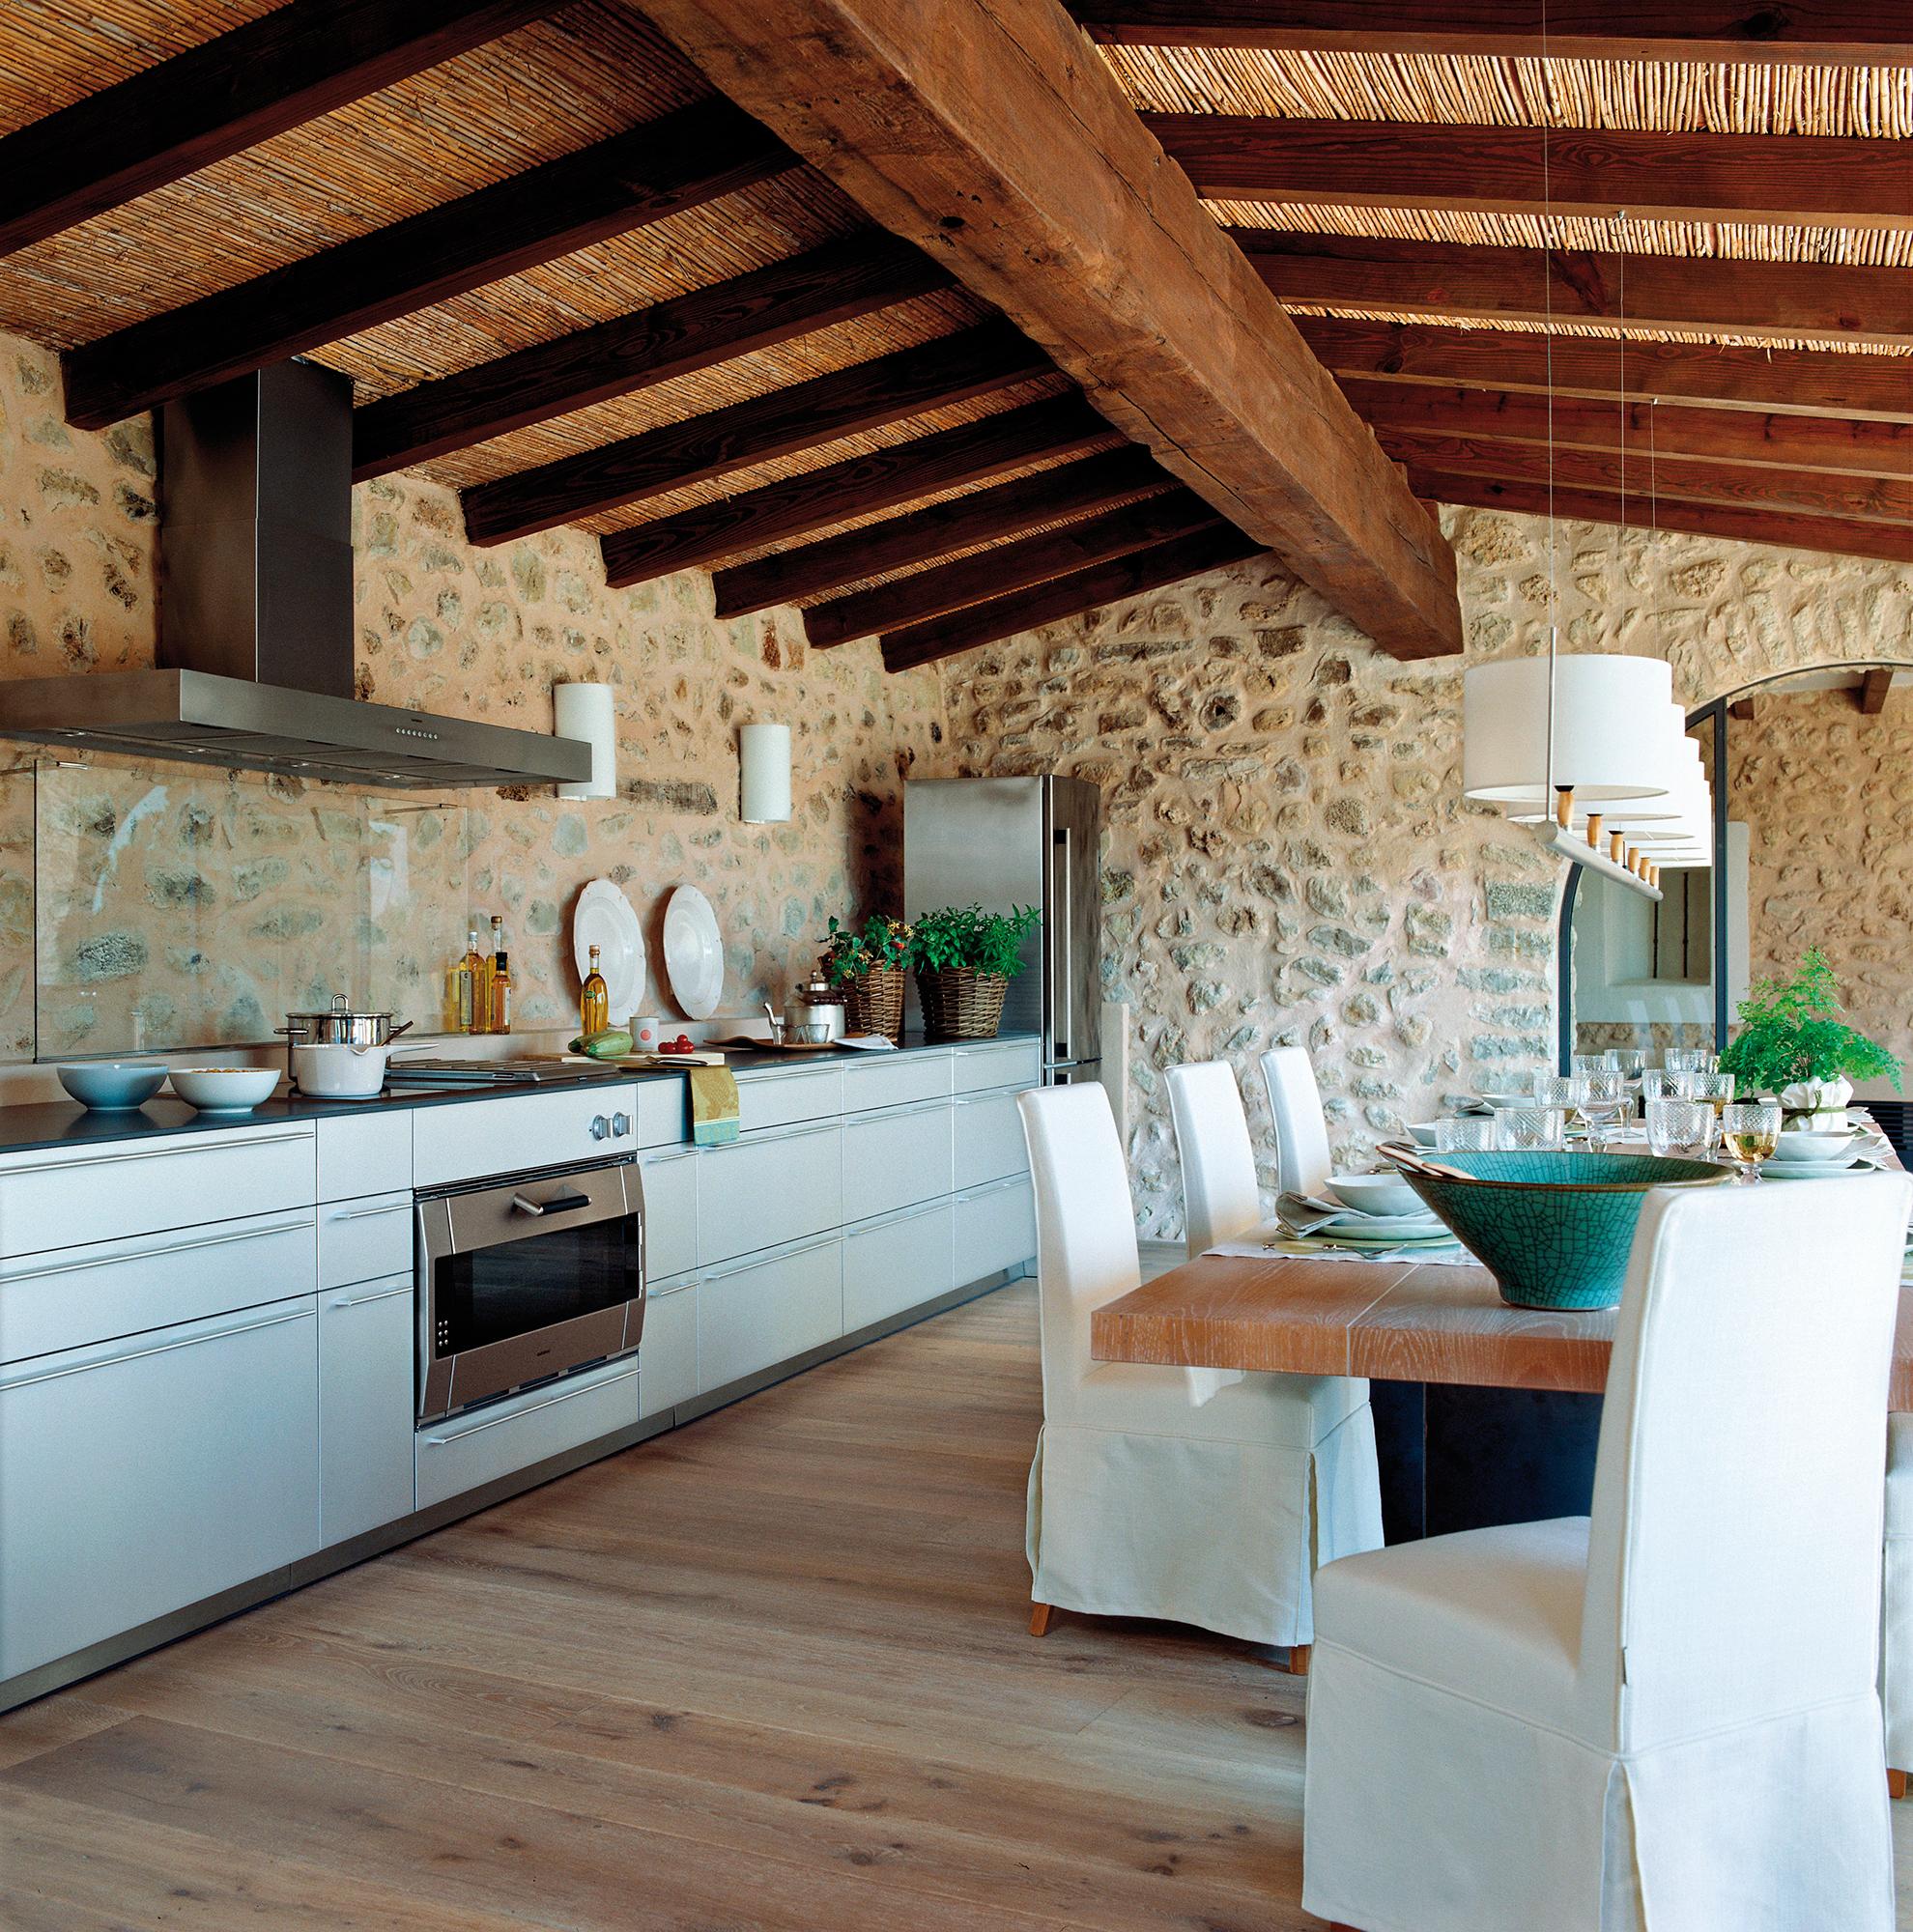 Cocinas las 50 mejores de el mueble for Cocinas rusticas mallorquinas